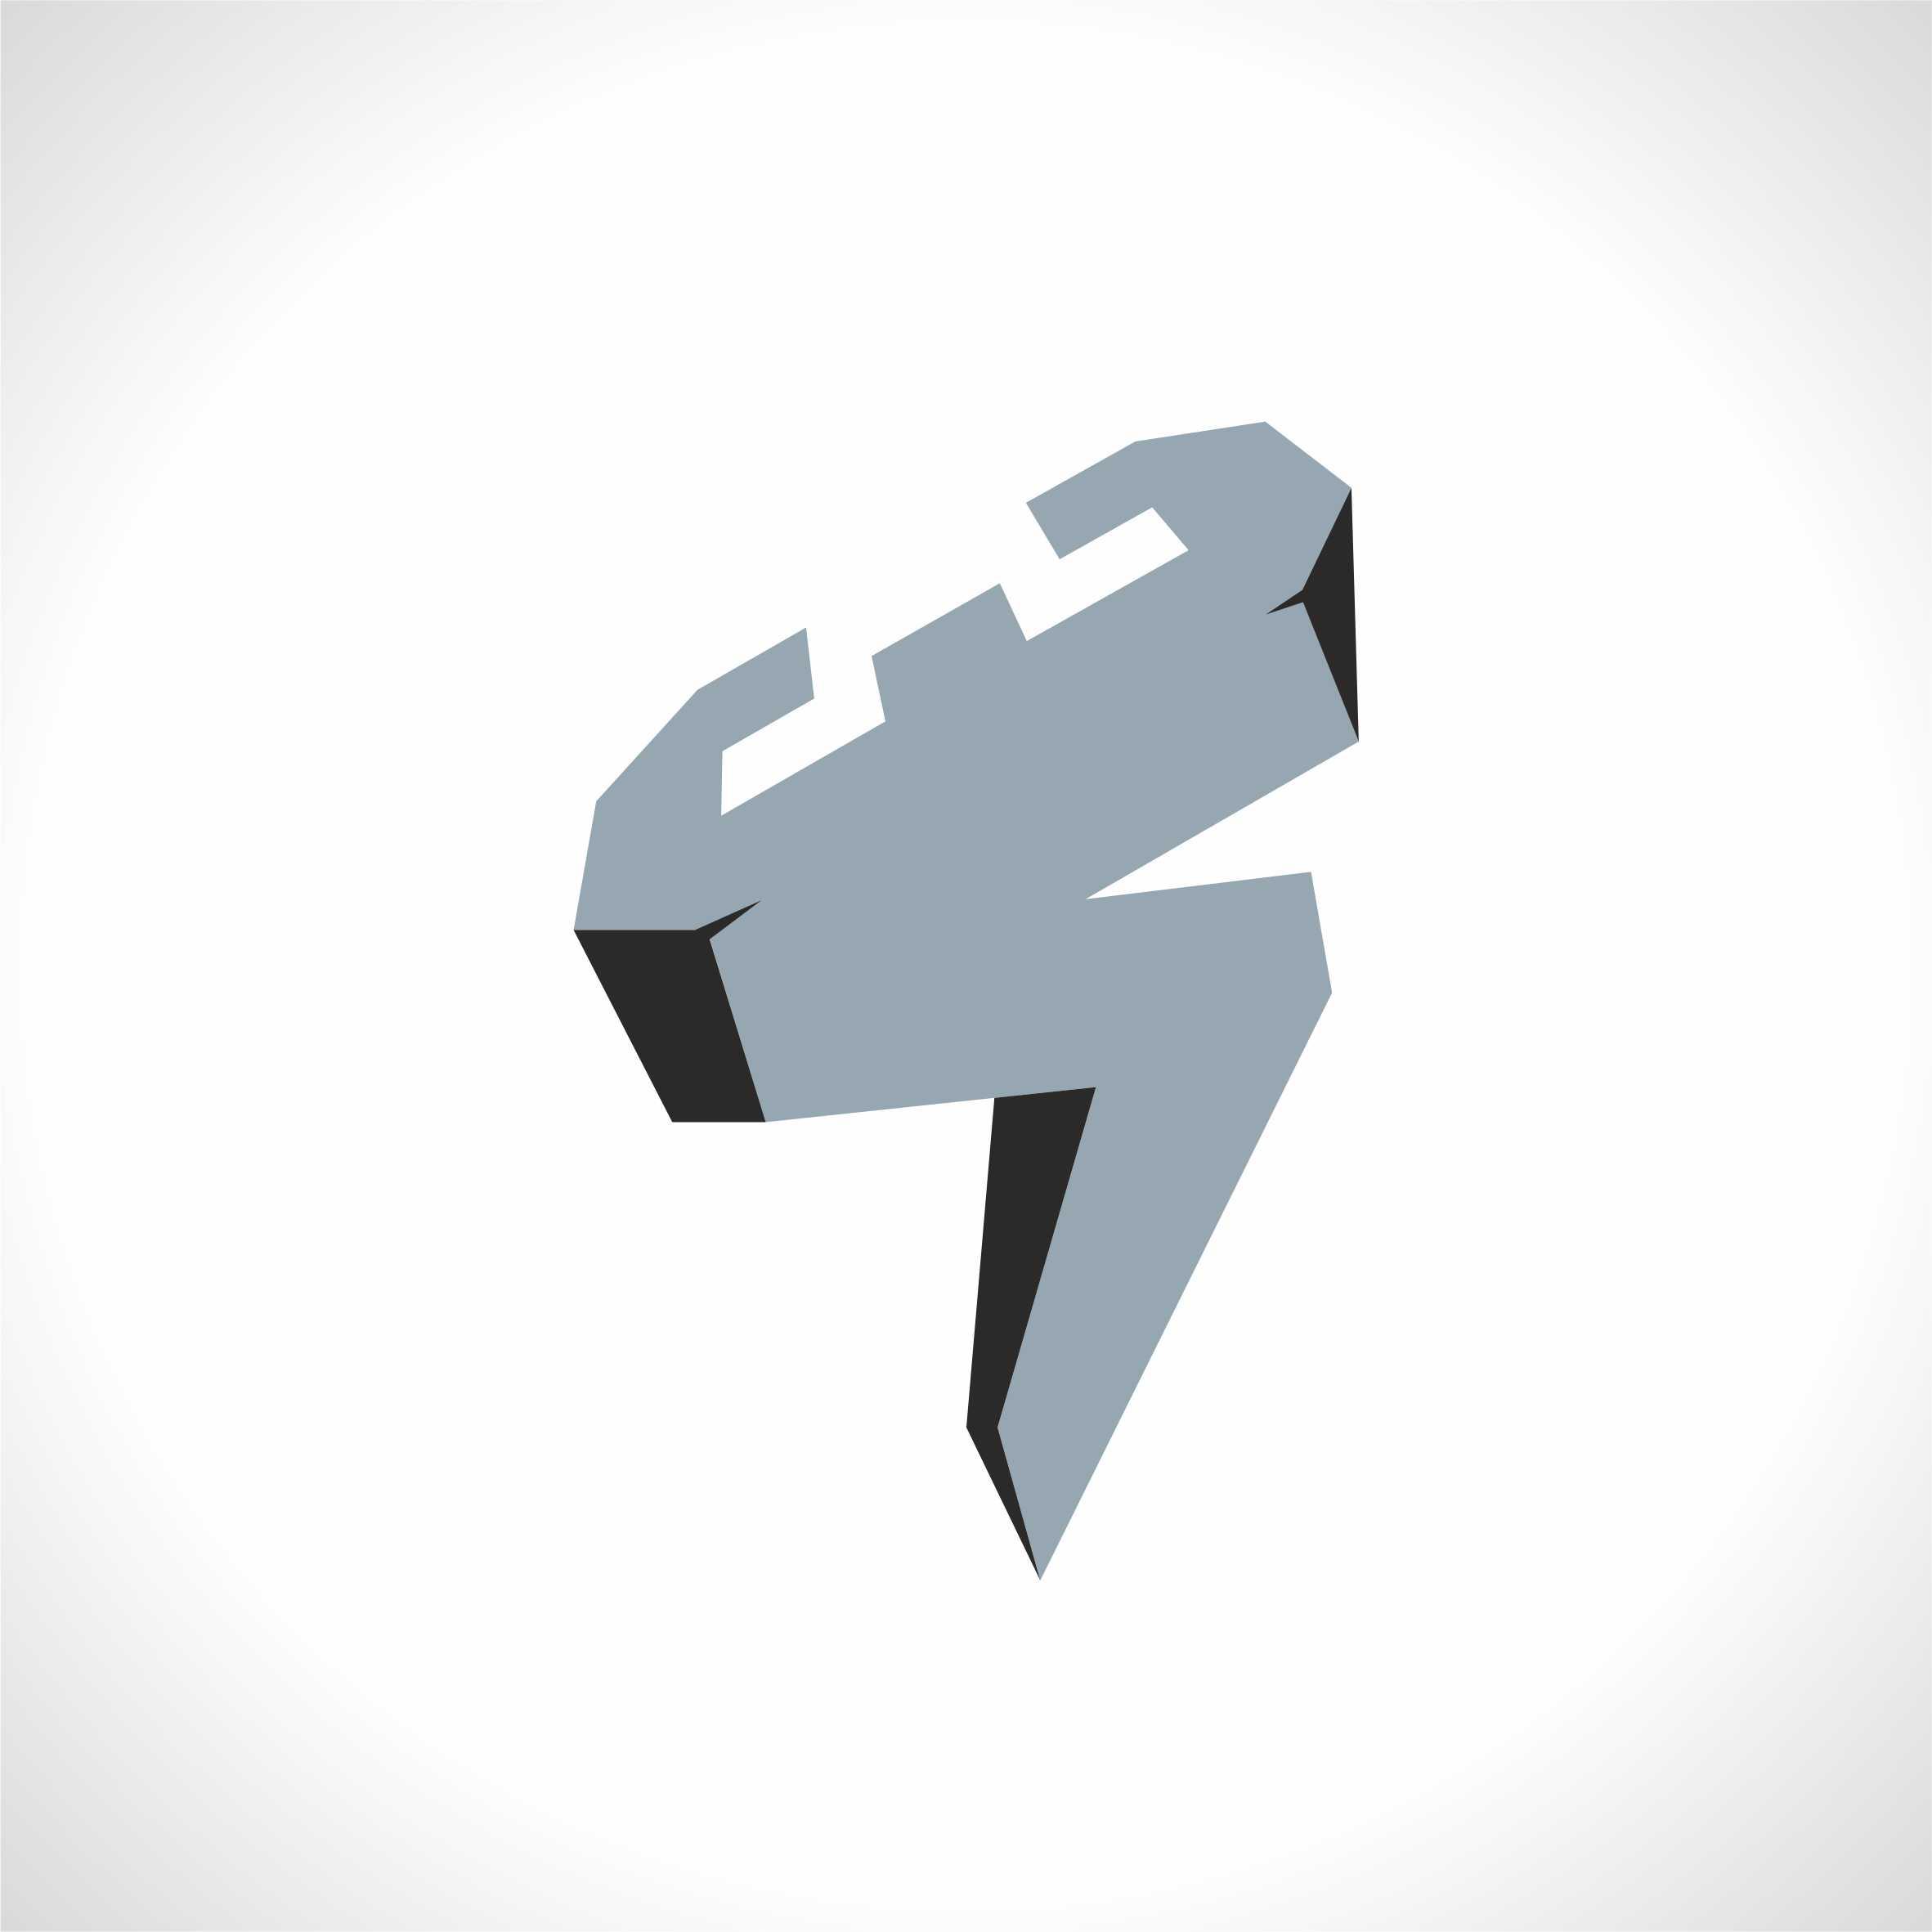 Логотип для инженерной компании фото f_27551c91f2e993c8.jpg